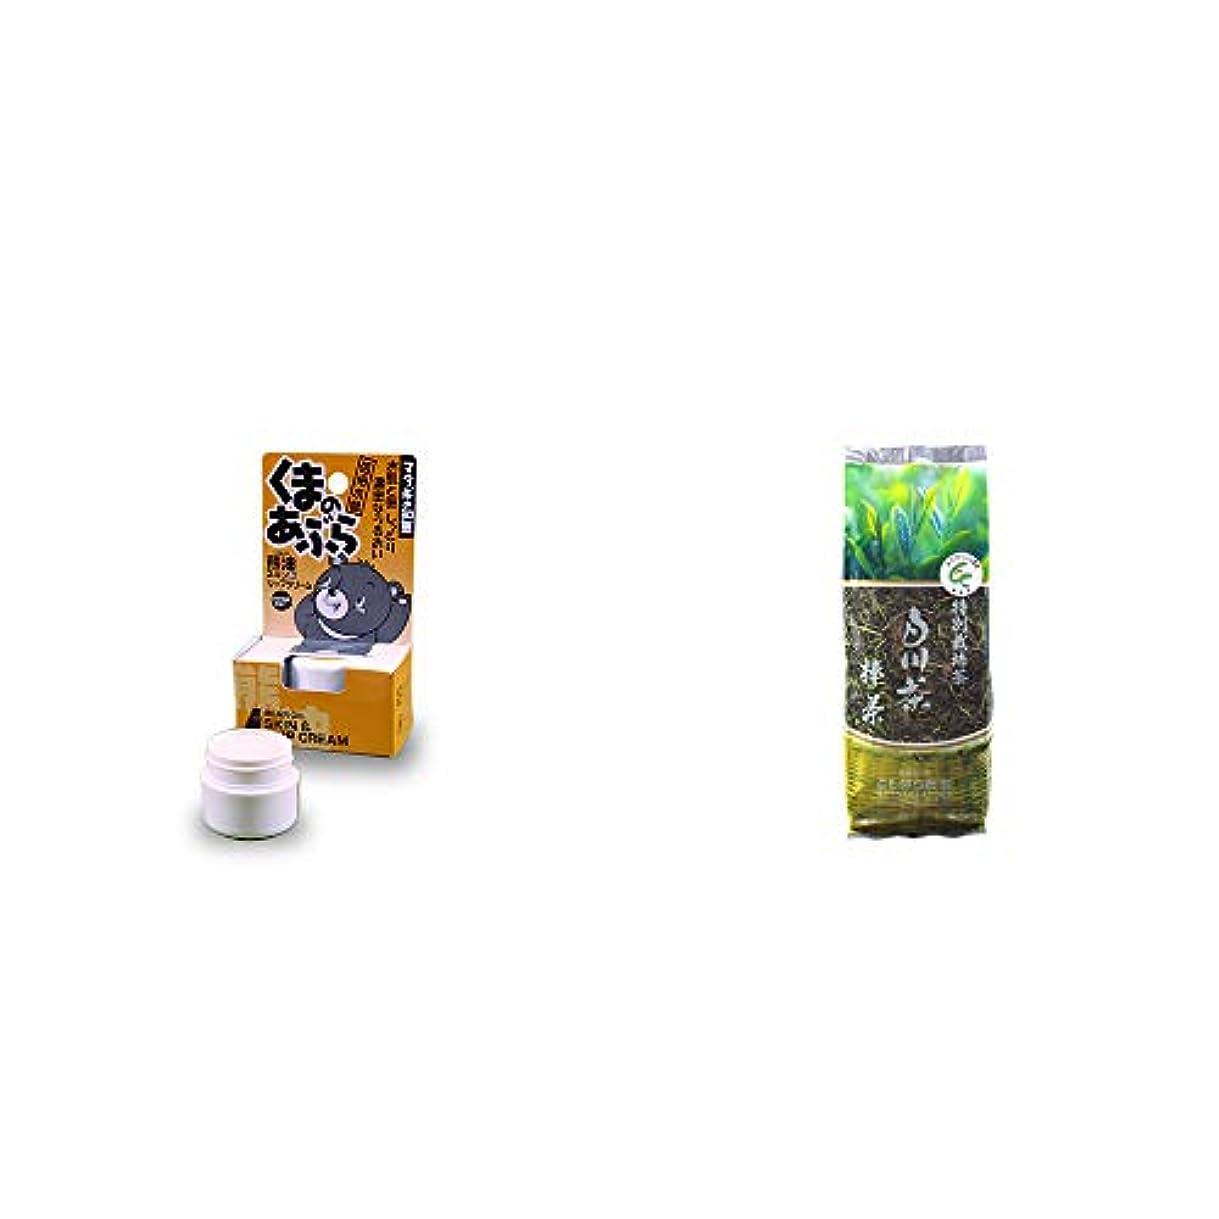 アレイタブレット泣く[2点セット] 信州木曽 くまのあぶら 熊油スキン&リップクリーム(9g)?白川茶 特別栽培茶【棒茶】(150g)